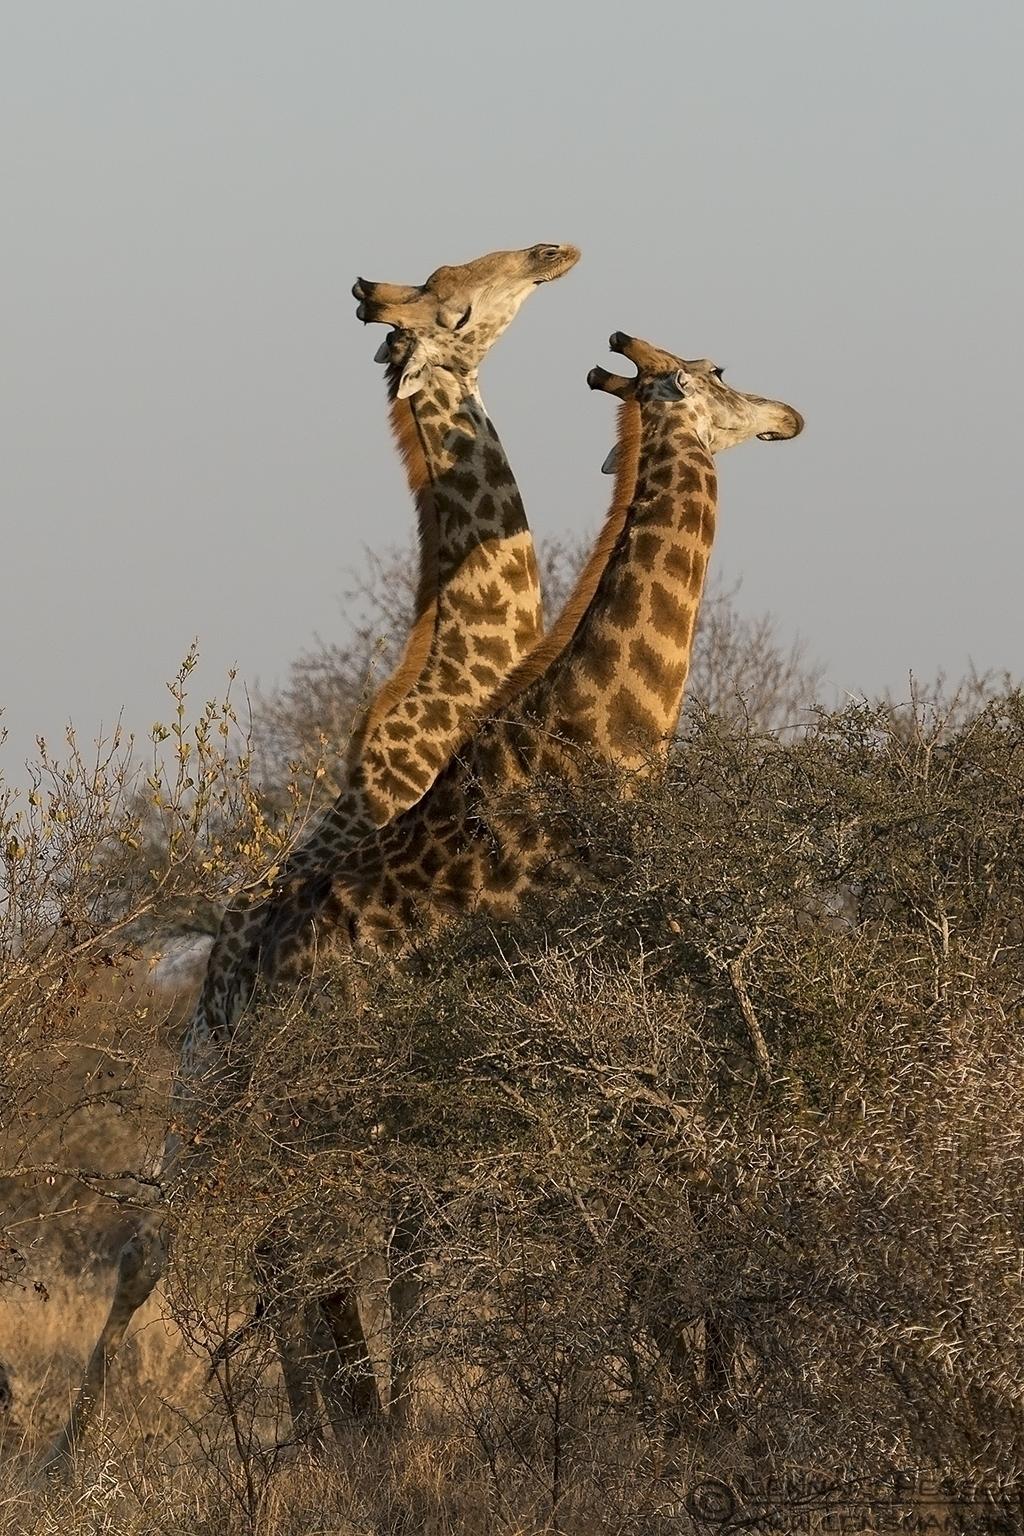 Fighting Giraffes Kruger National Park South Africa